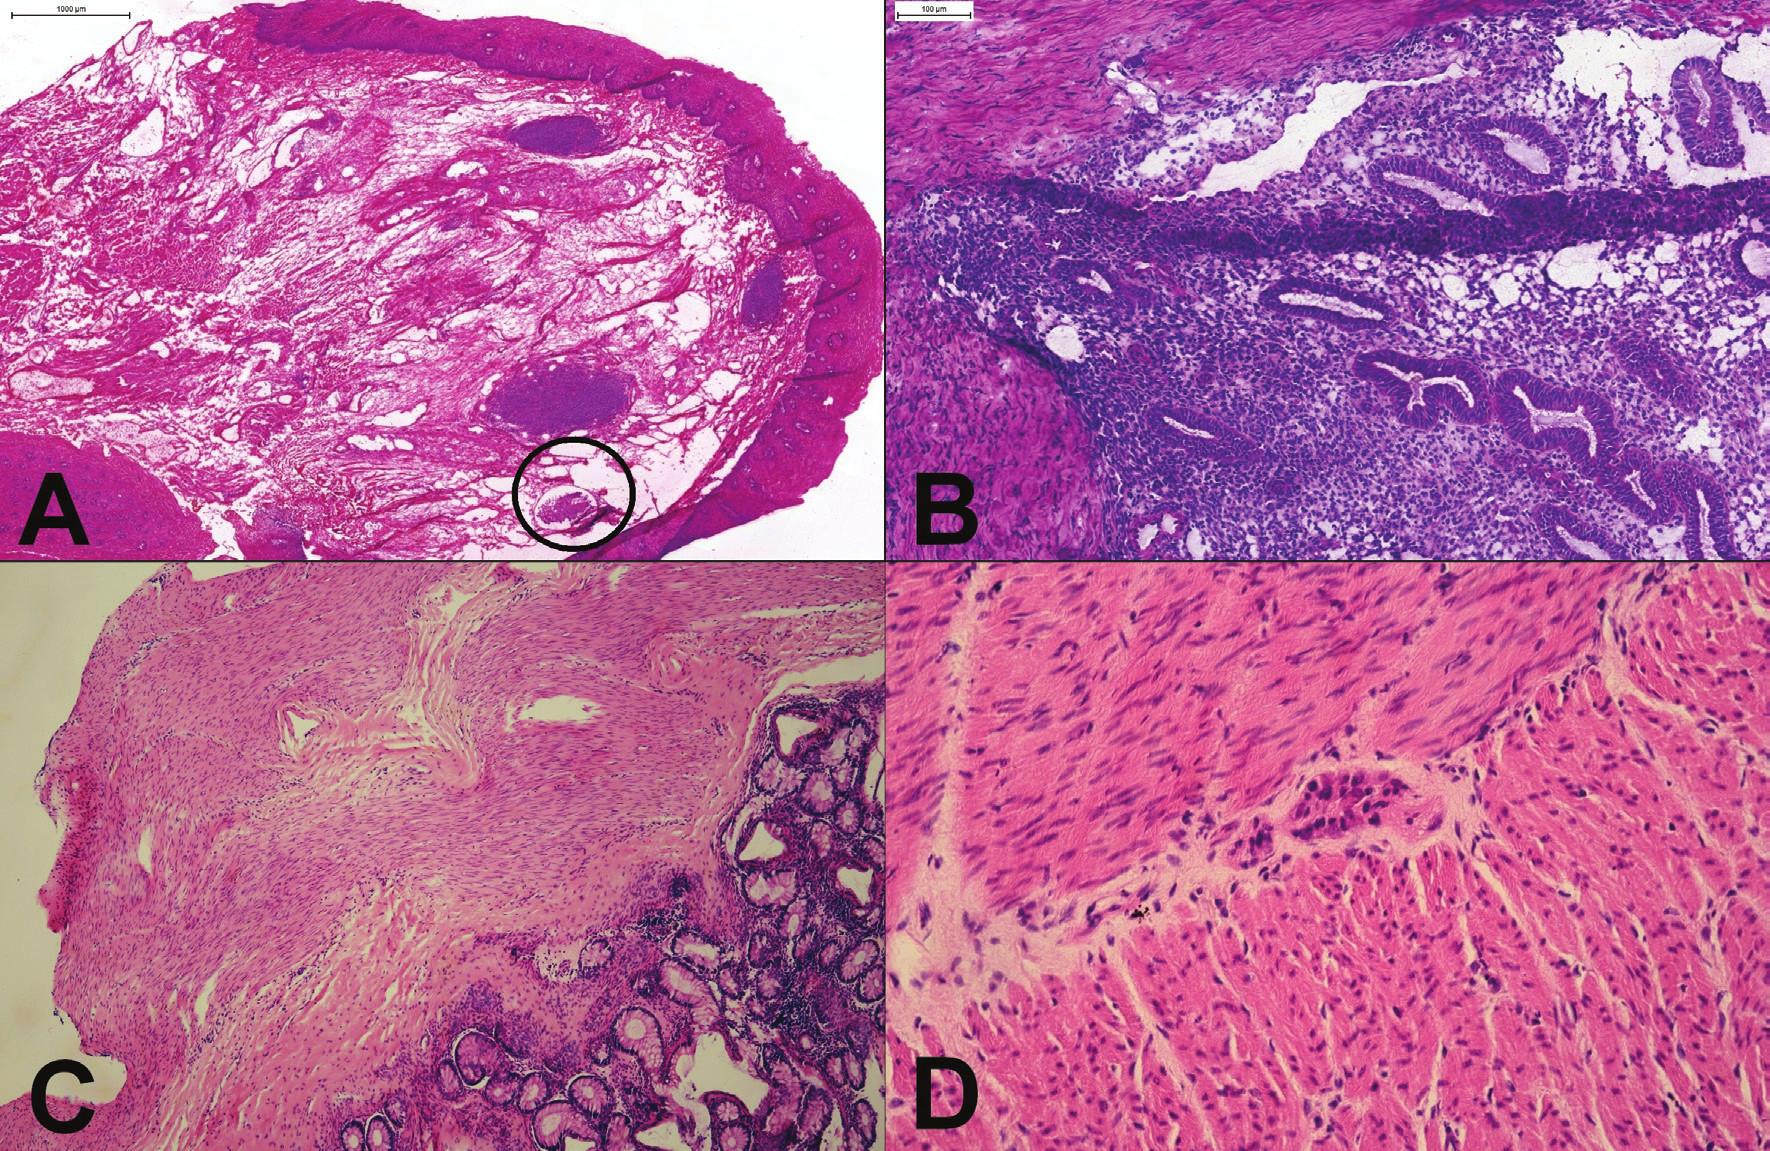 """(A) Proximálny resekčný okraj resekátu adenokarcinómu ezofago-gastrickej junkcie. Slizničný povrch bol makroskopicky aj mikroskopicky """"čistý"""", v kapilárach lamina propria však boli zachytené zhluky nádorových buniek (v krúžku). (B) Tumor rekta u 25 ročnej ženy. Mikroskopicky boli zachytené mitoticky aktívne, mierne """"atypické"""" žliazky, vzdialene pripomínajúce kolorektálny adenokarcinóm. Kľúčom k správnej diagnóze endometriózy je rozpoznanie endometriálnej strómy. (C) Hirschprungova choroba: chýbanie gangliových buniek v plexus submucosus a myentericus. (D) Imatúrne gangliové bunky v plexus myentericus."""